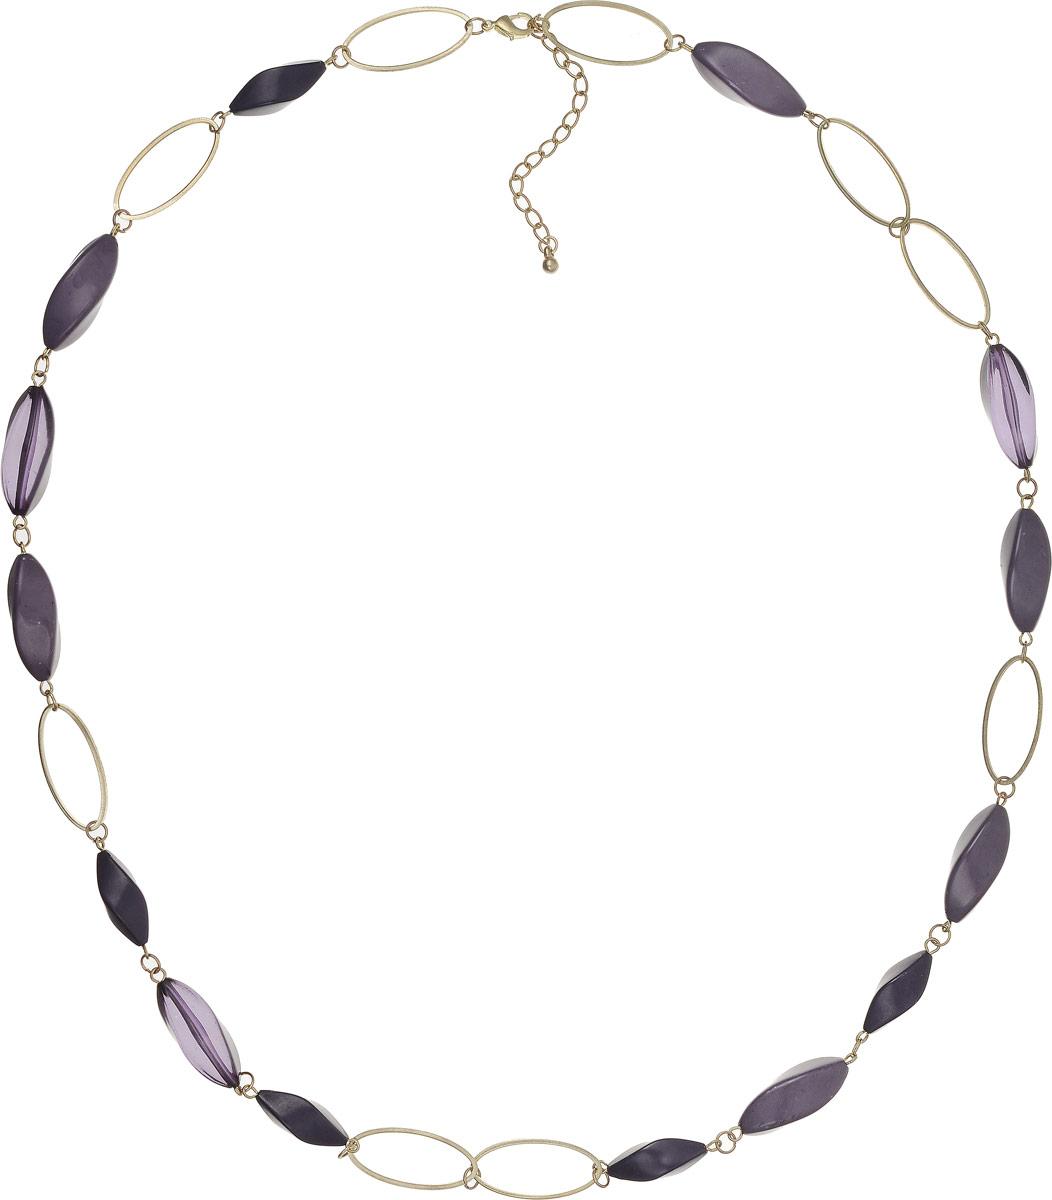 Ожерелье Art-Silver, цвет: сиреневый. 23982-30223982-302Ожерелье Art-Silver выполнено из бижутерного сплава, оформлено крупными элементами из полимера. Модель застегивается на карабин и регулируется по длине.